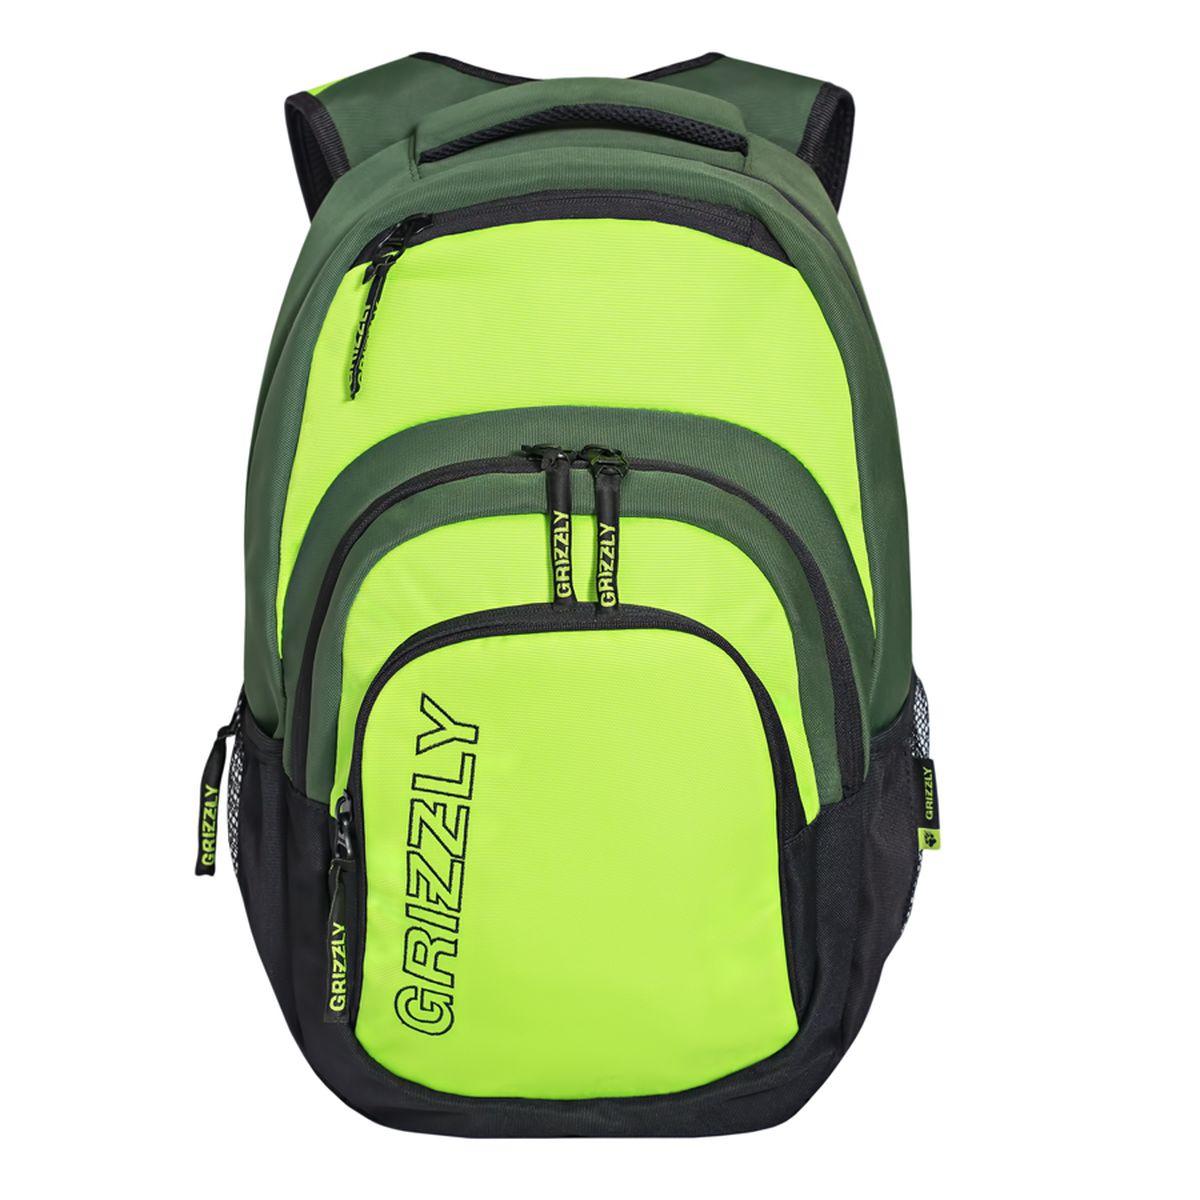 Рюкзак молодежный Grizzly, цвет: черный-салатовый. 32 л. RU-704-1/295940-905Рюкзак молодежный, одно отделение, карман на молнии на передней стенке, объемный карман на молнии на передней стенке, боковые карманы из сетки, внутренний составной пенал-органайзер, внутренний укрепленный карман для ноутбука, укрепленная спинка, карман быстрого доступа в верхней части рюкзака, мягкая укрепленная ручка, нагрудная стяжка-фиксатор, укрепленные лямки